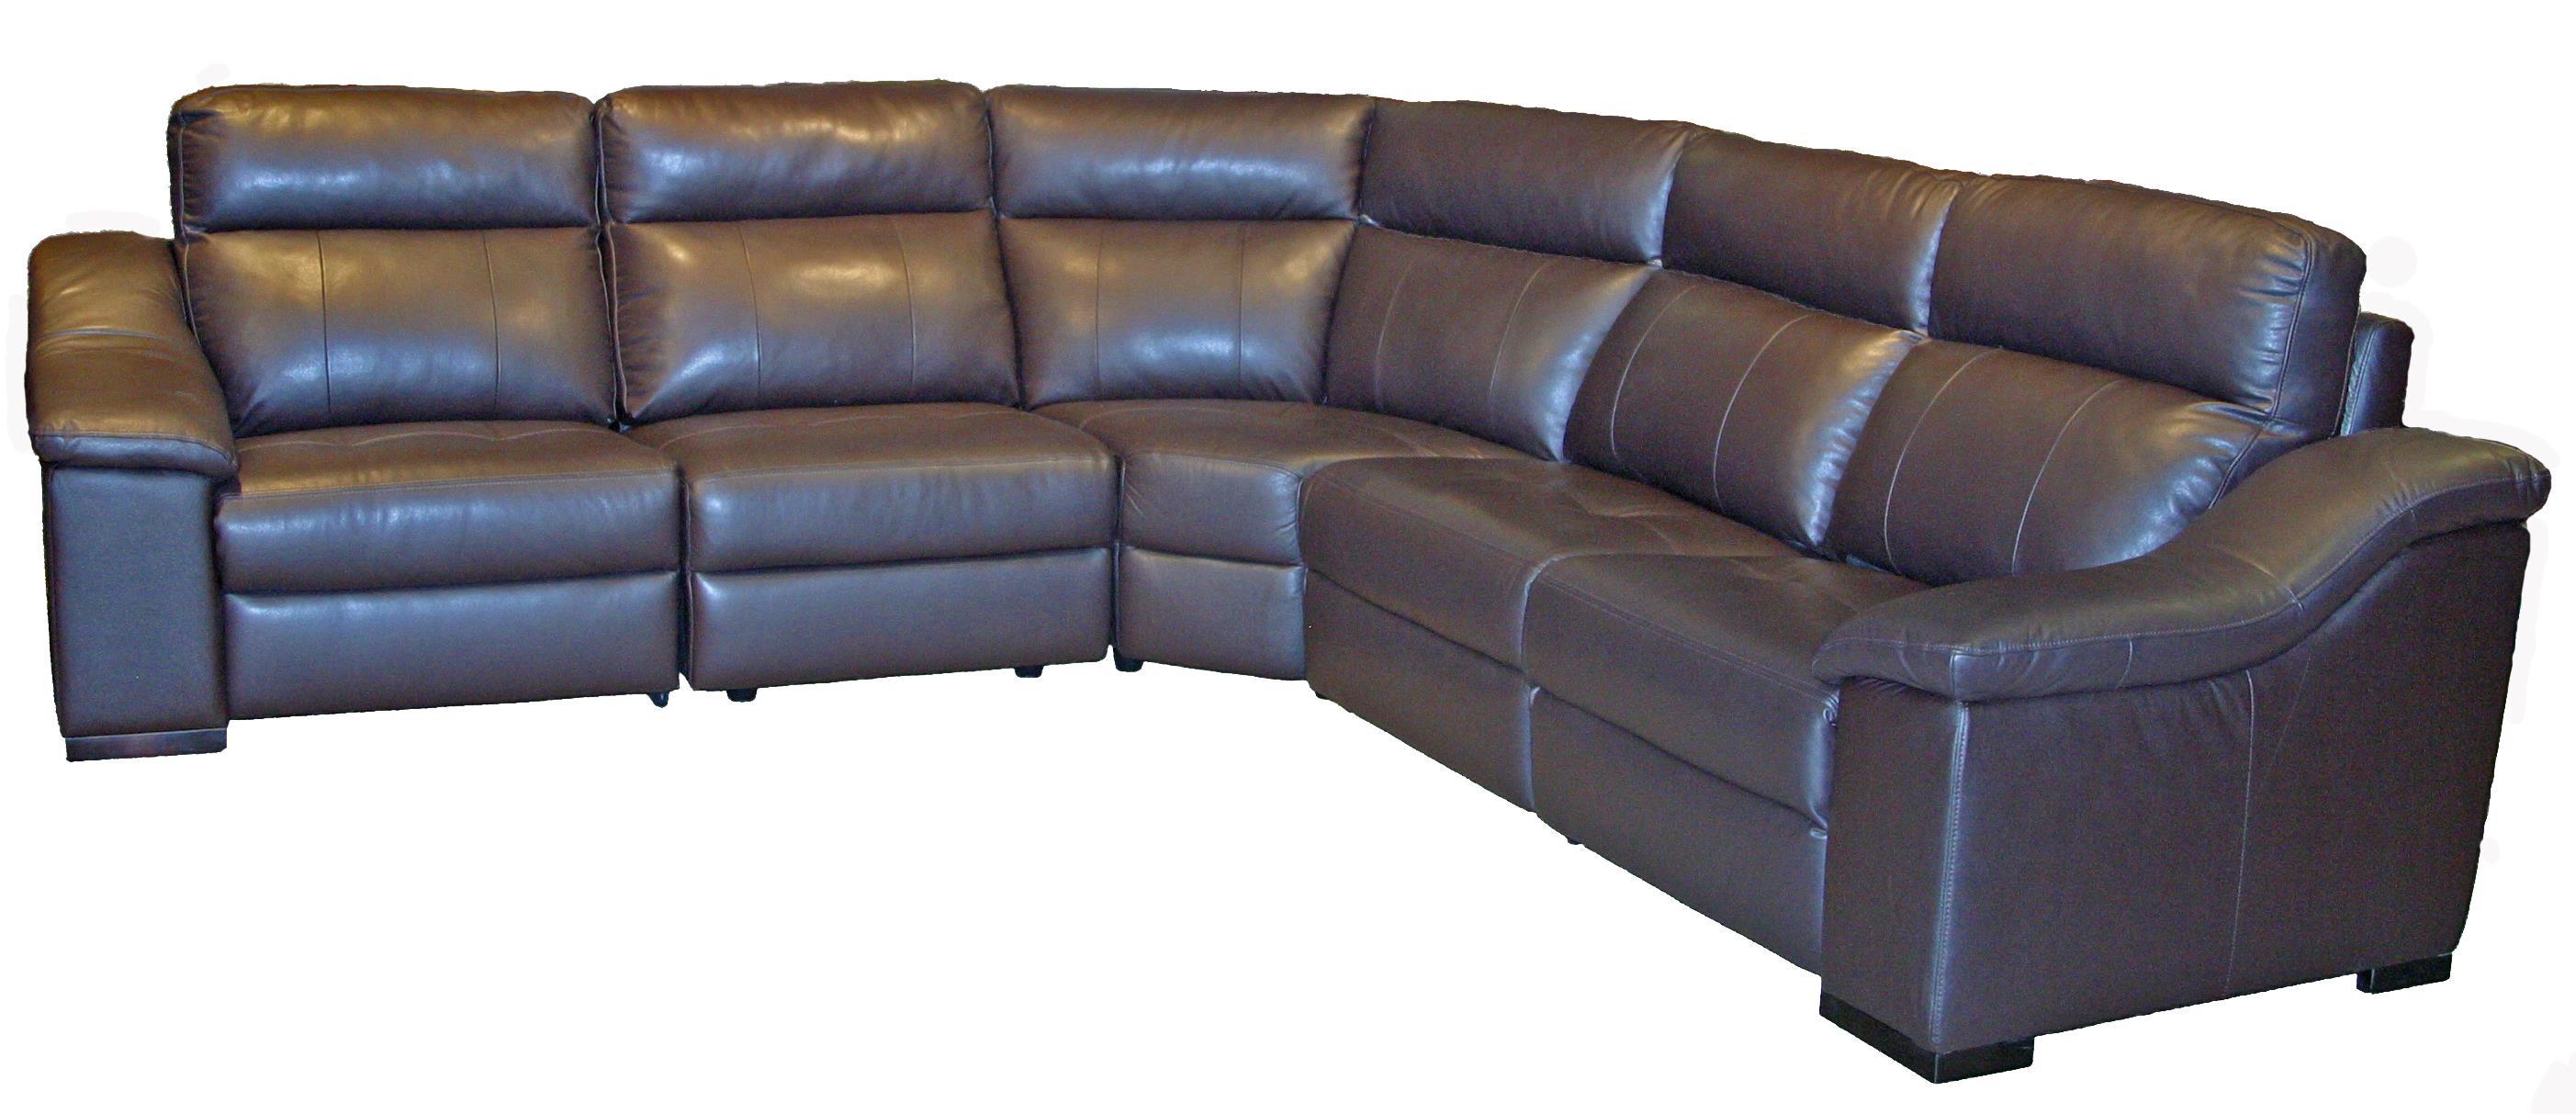 Contemporary 5 Piece Sectional Sofa